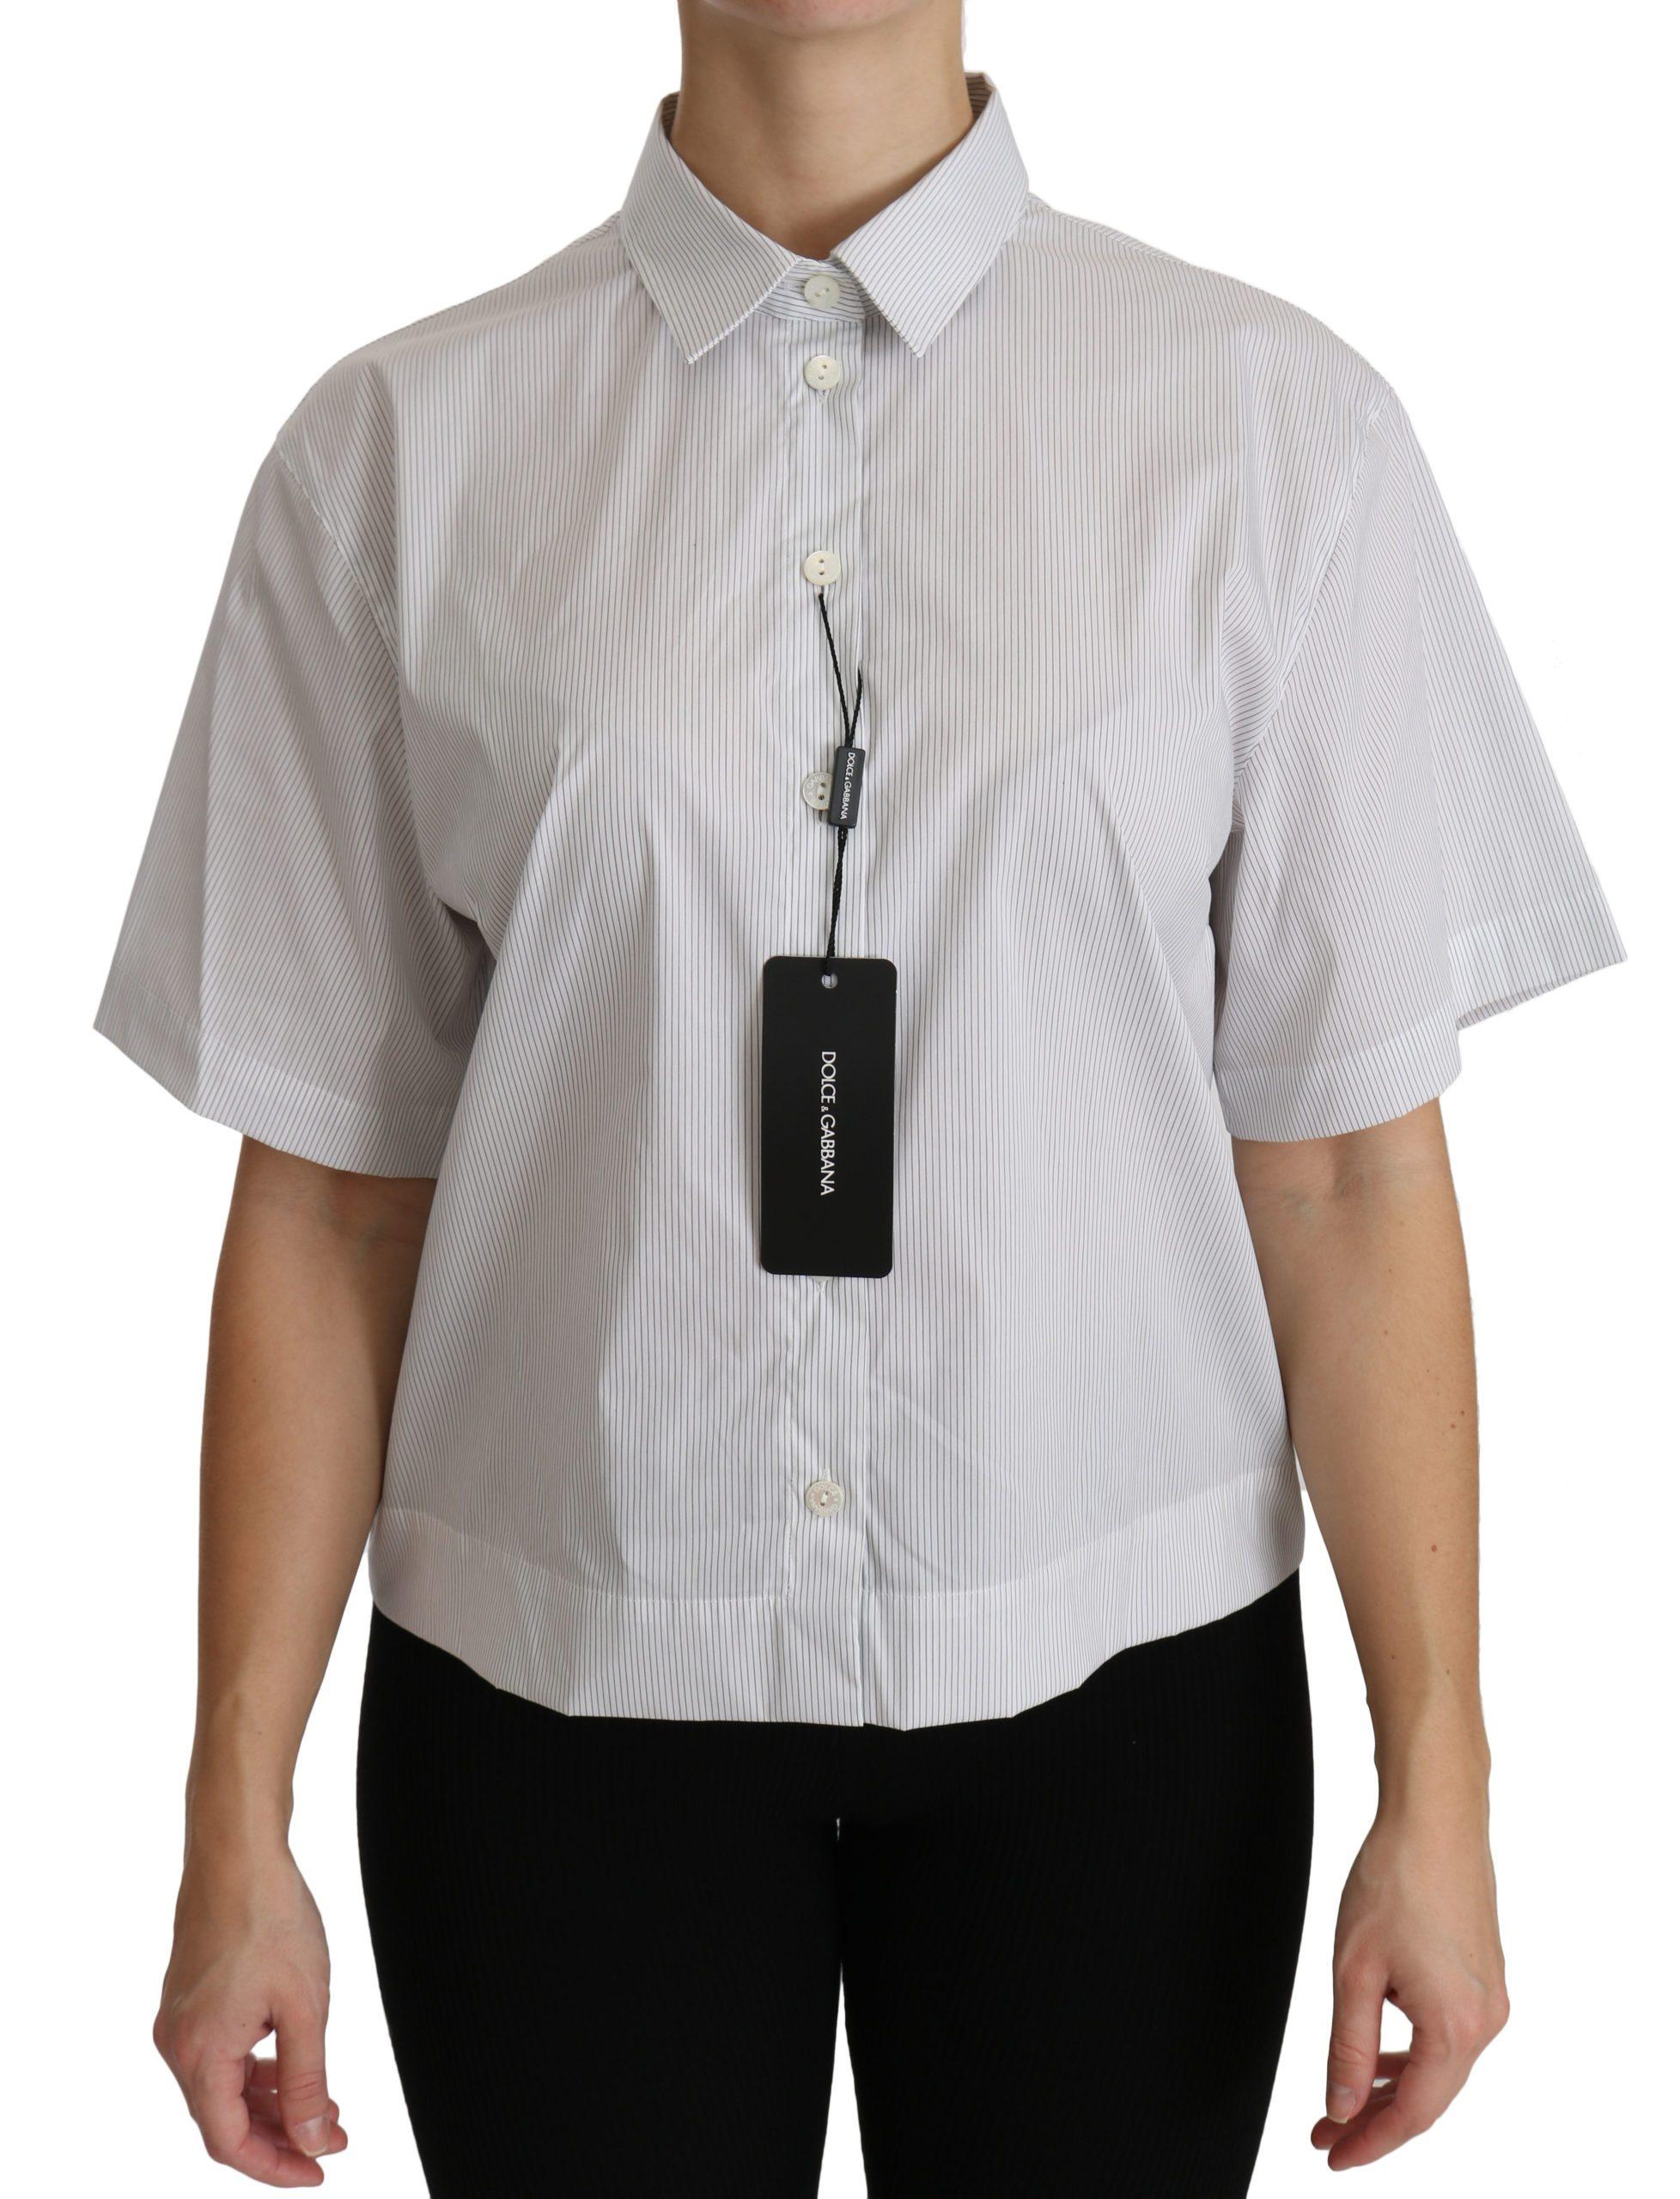 Dolce & Gabbana Women's SS Polo Top White TSH4314 - IT46|XL